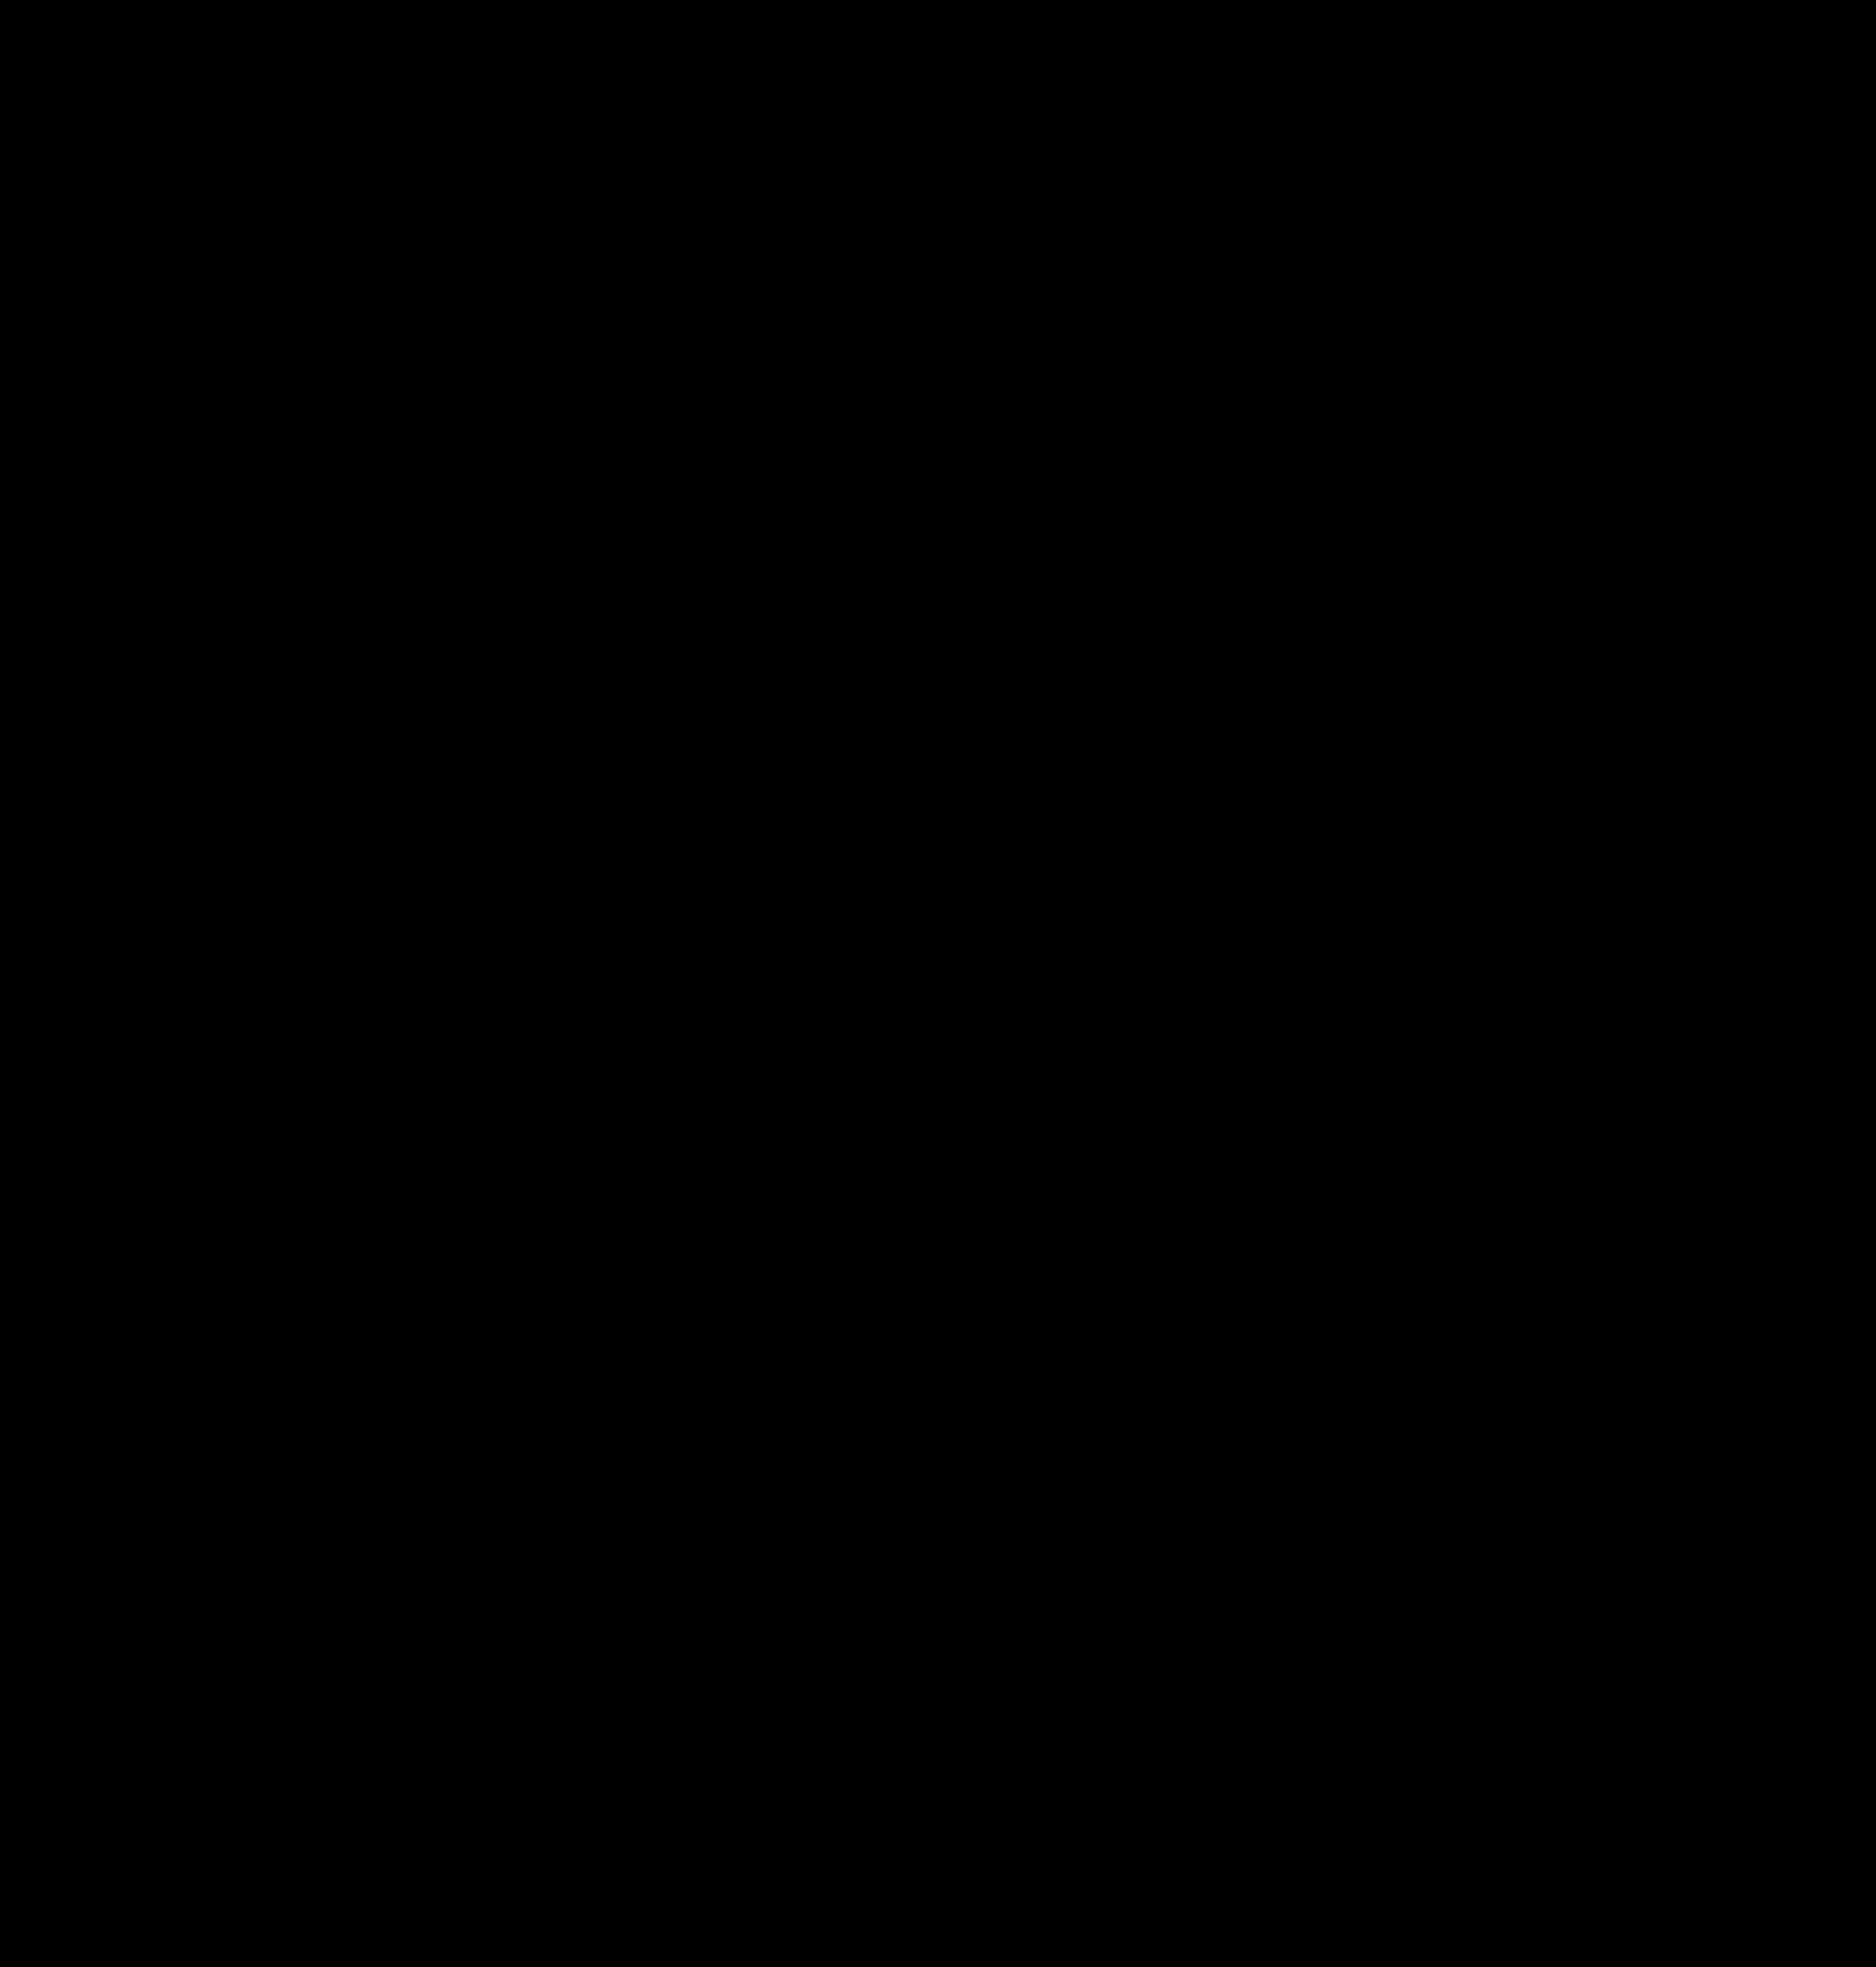 6 Circular Arrow Drawing (PNG Transparent) | OnlyGFX com